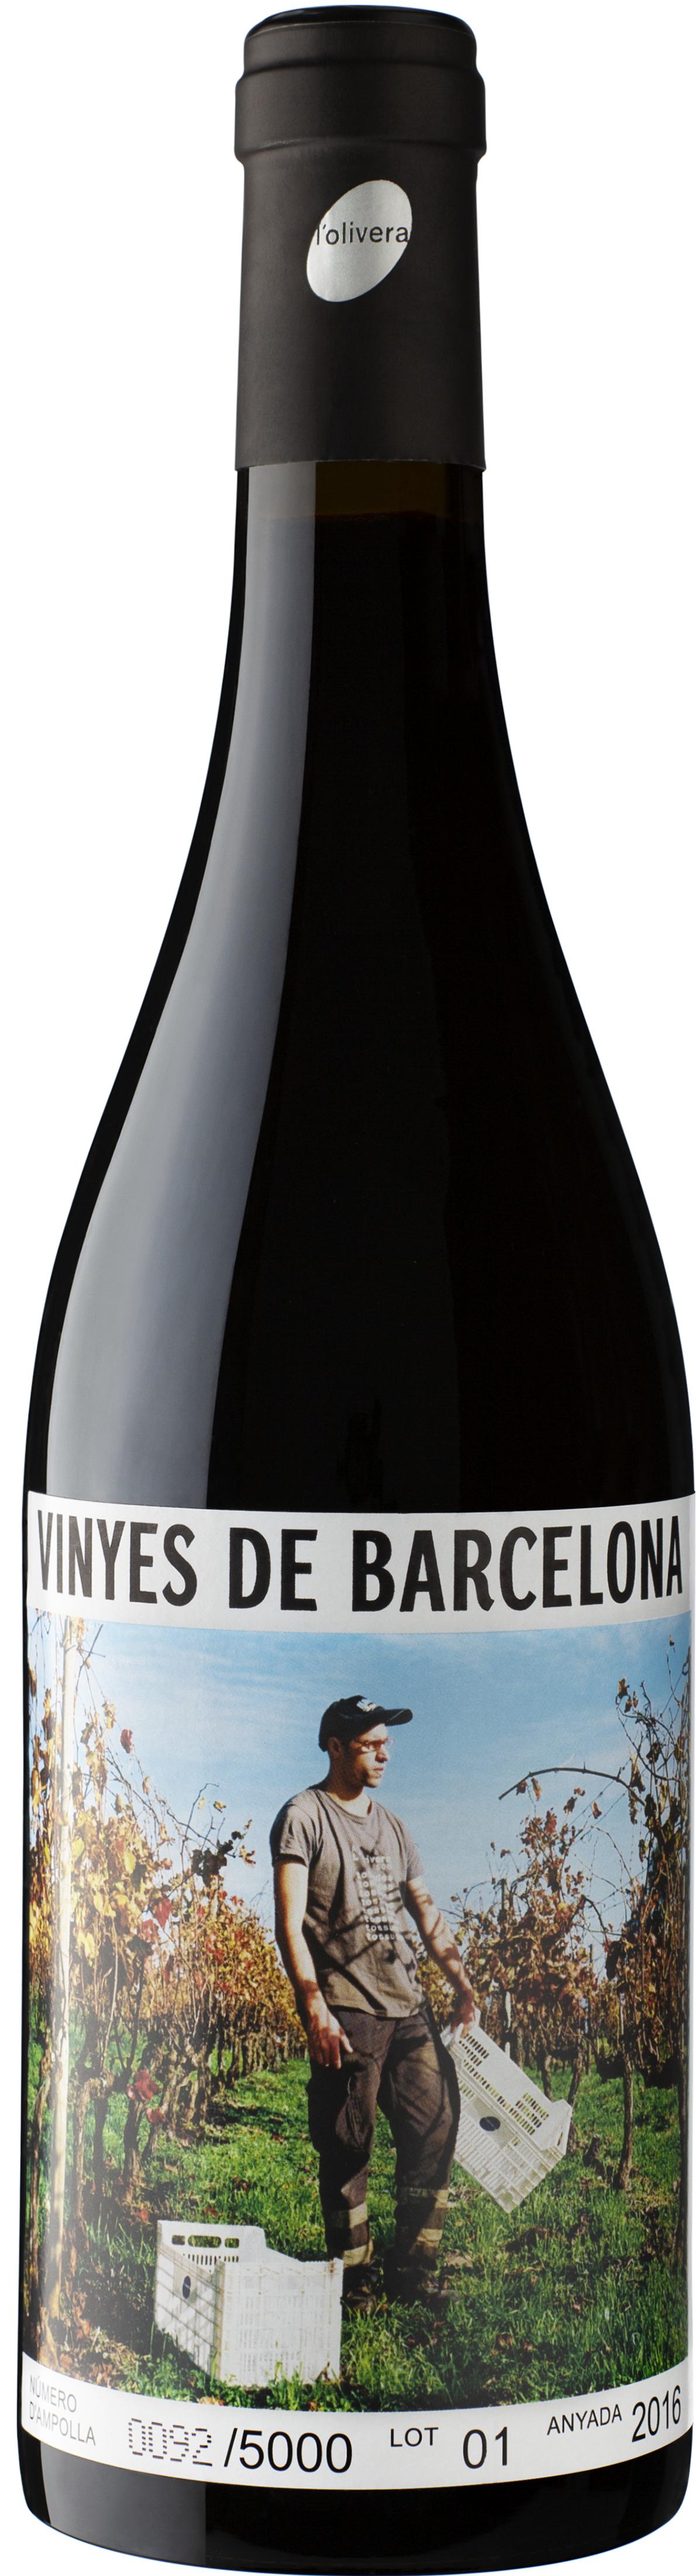 vinyes de barcelona_2019_adobe rgb